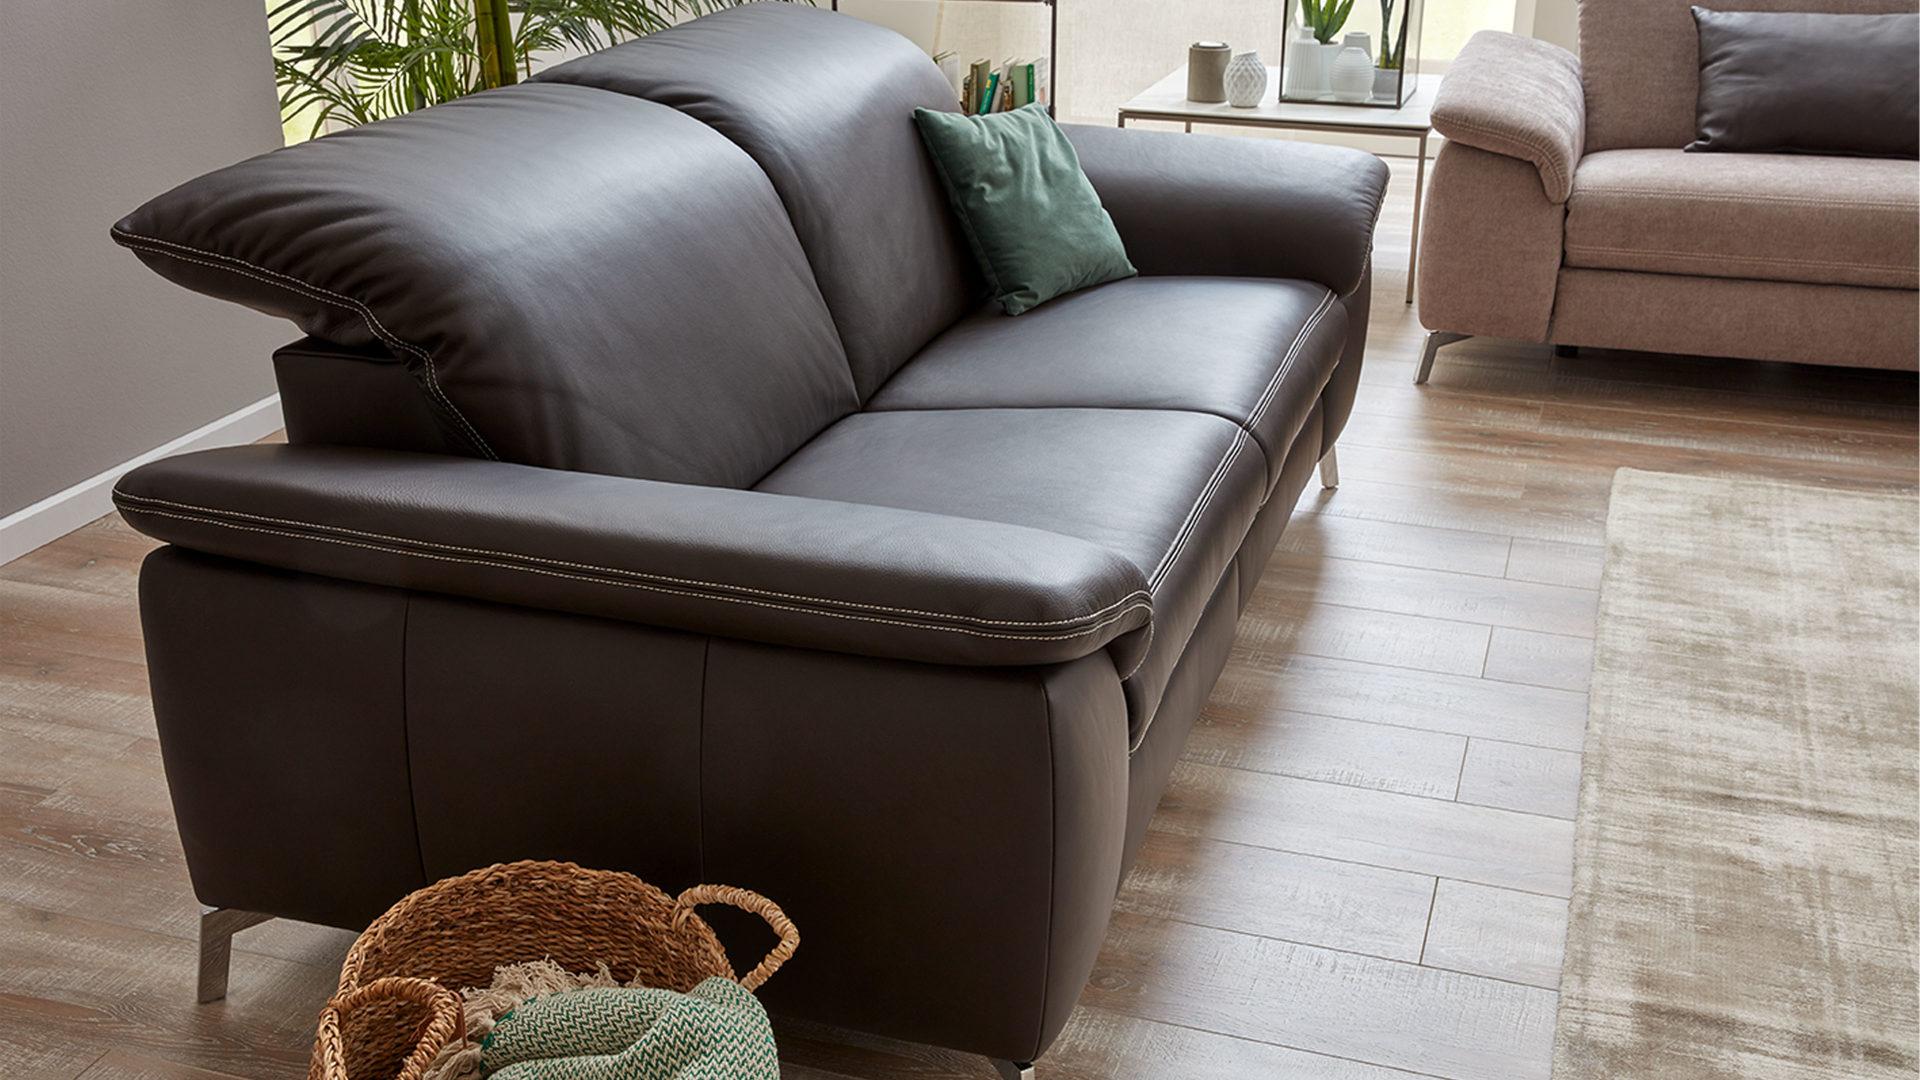 Interliving Sofa Serie 4101 Zweisitzer 8792 Espressofarbenes